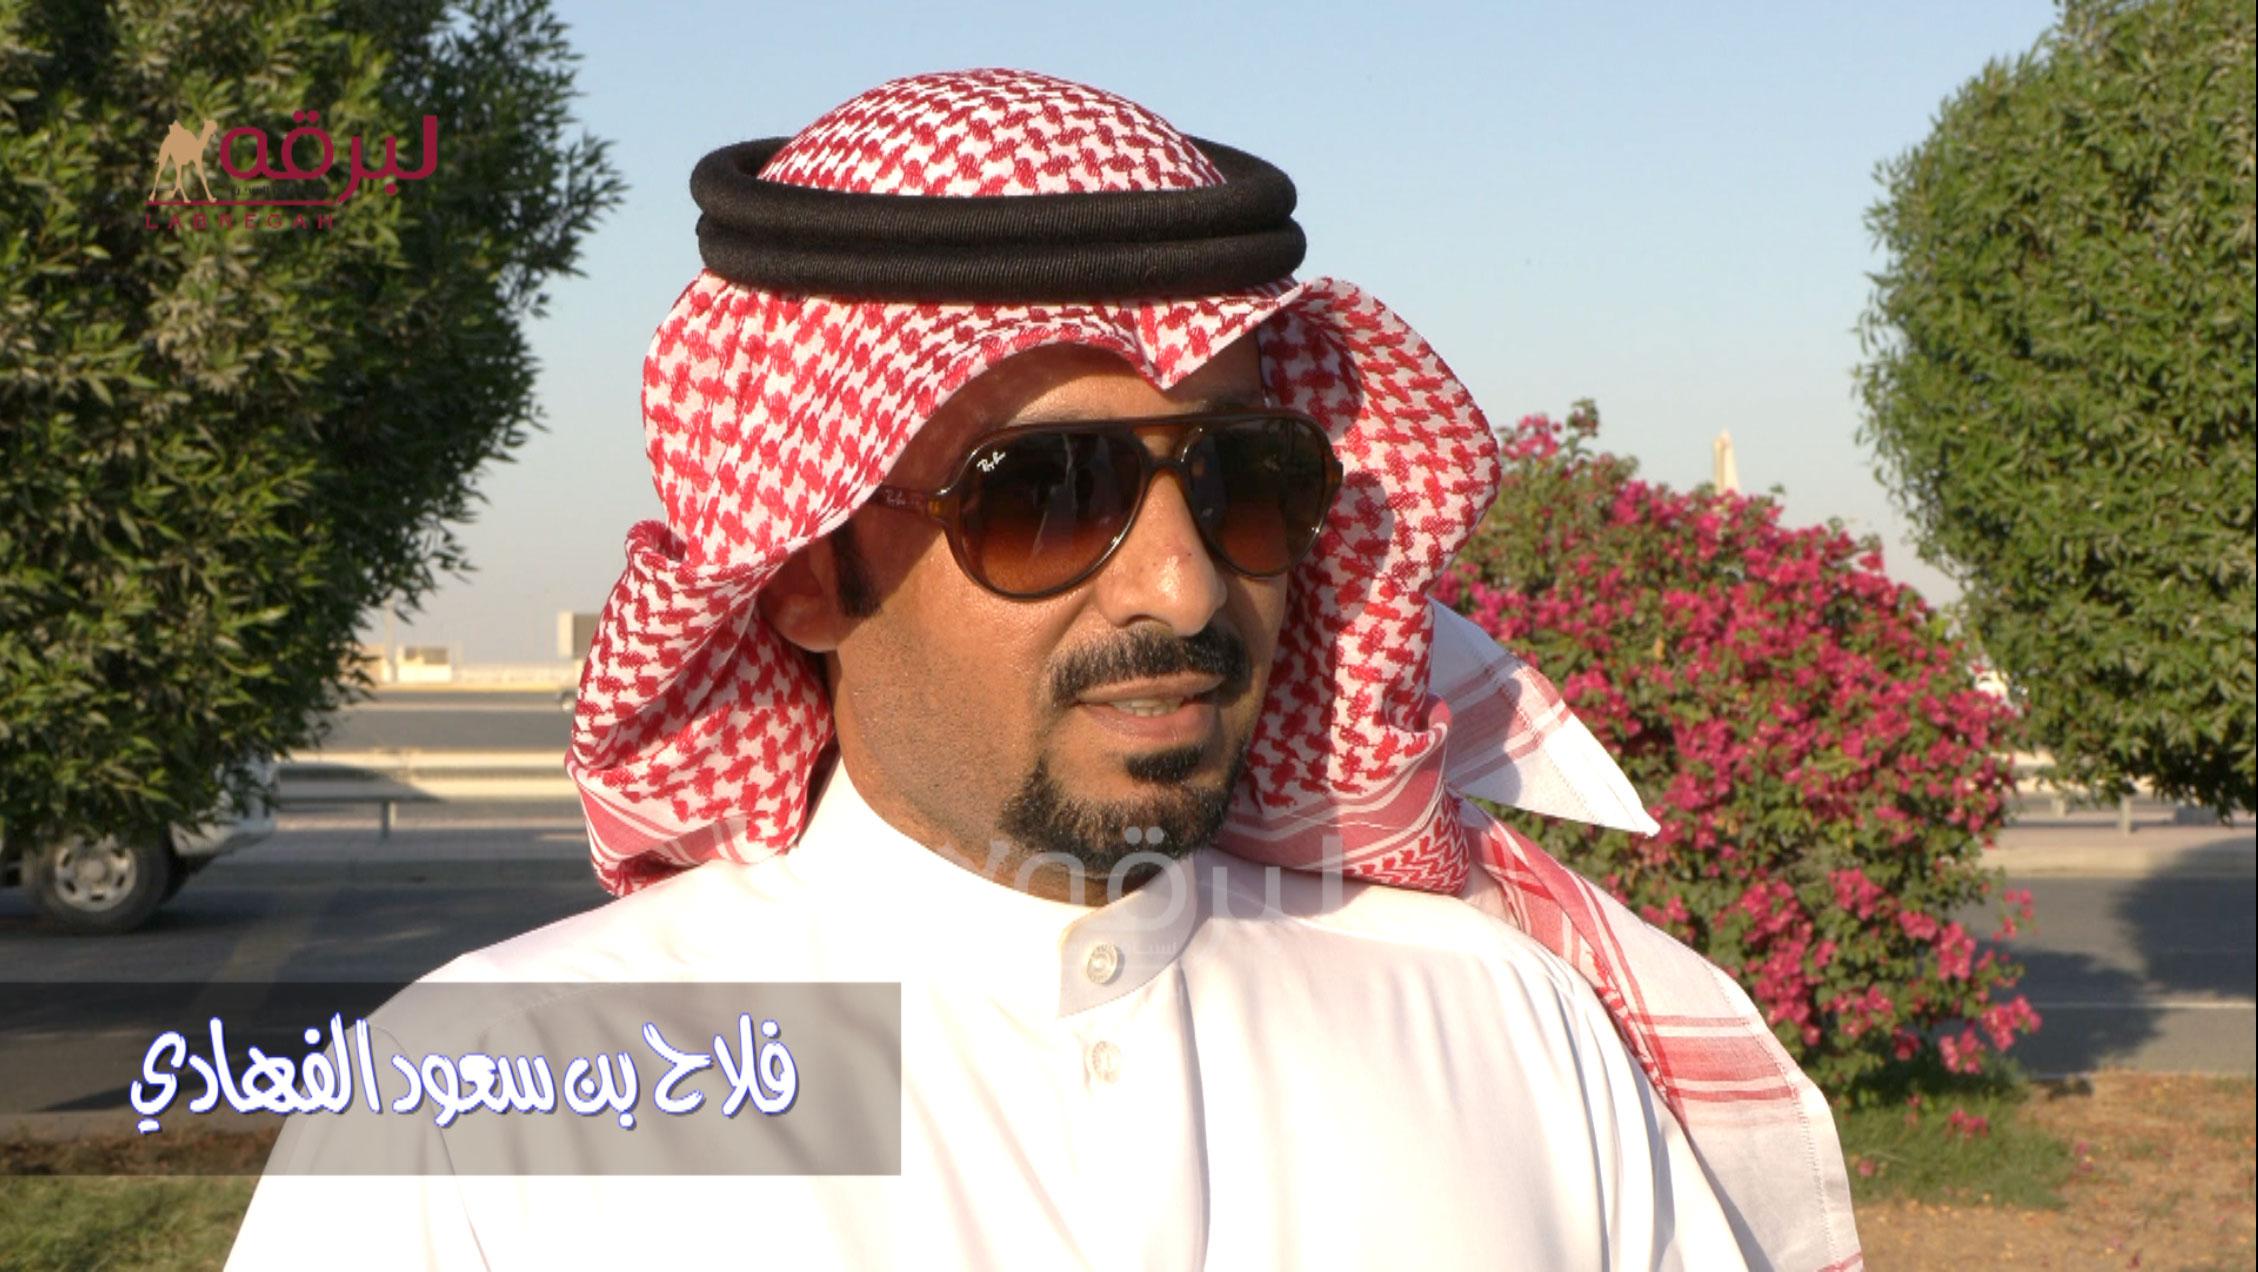 لقاء مع فلاح بن سعود الفهادي.. الشوط الرئيسي للجذاع قعدان (مفتوح) الأشواط العامة  ٢٣-١٠-٢٠٢١